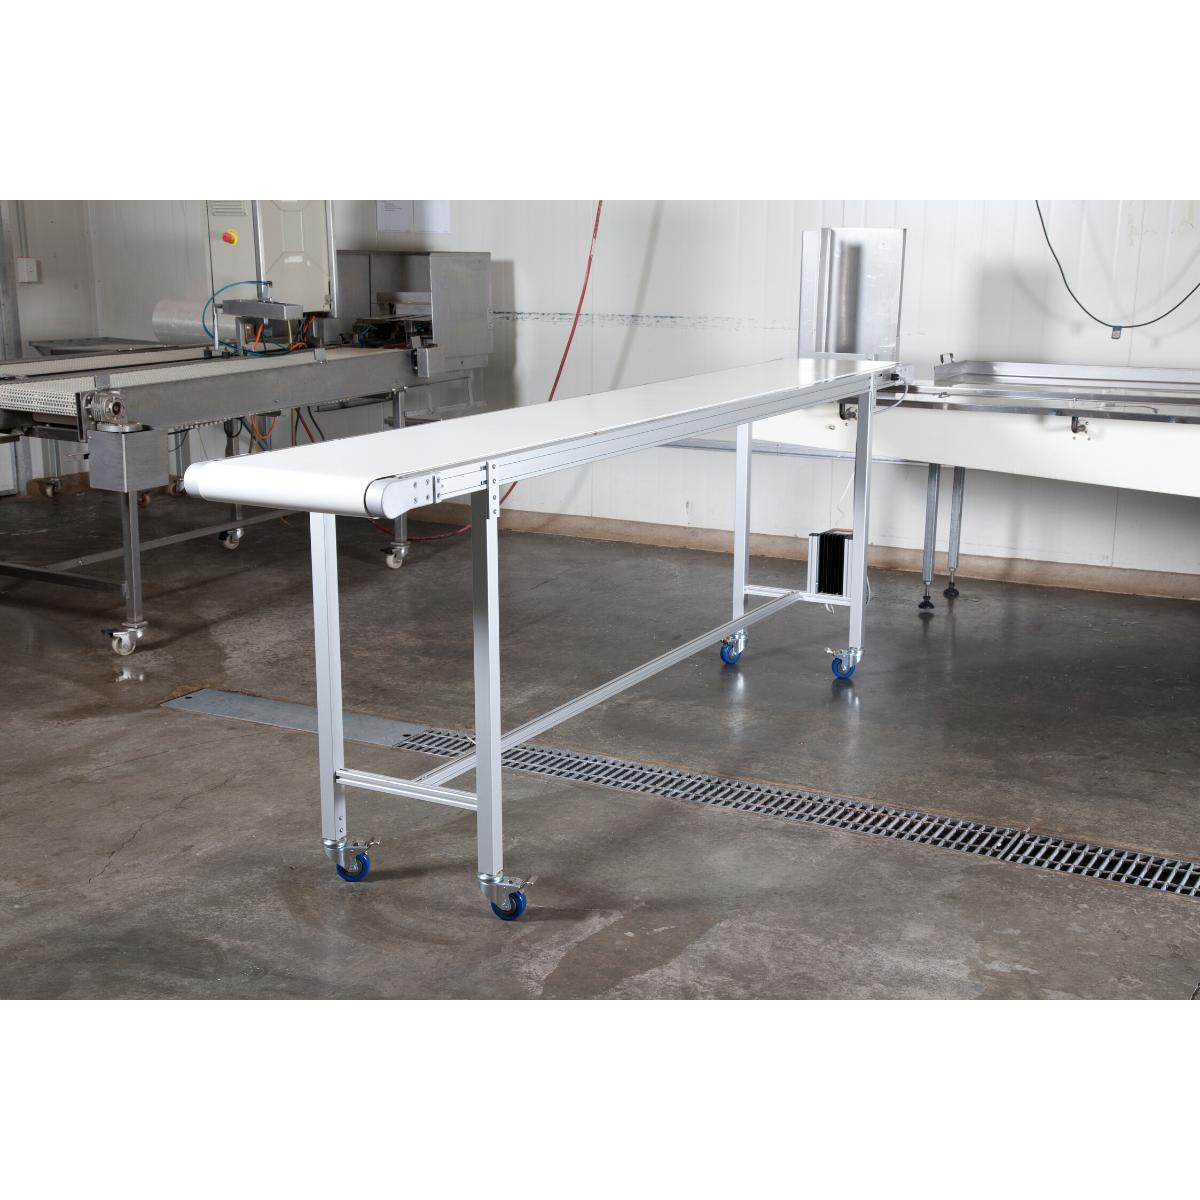 Alupro Aluminium Conveyors